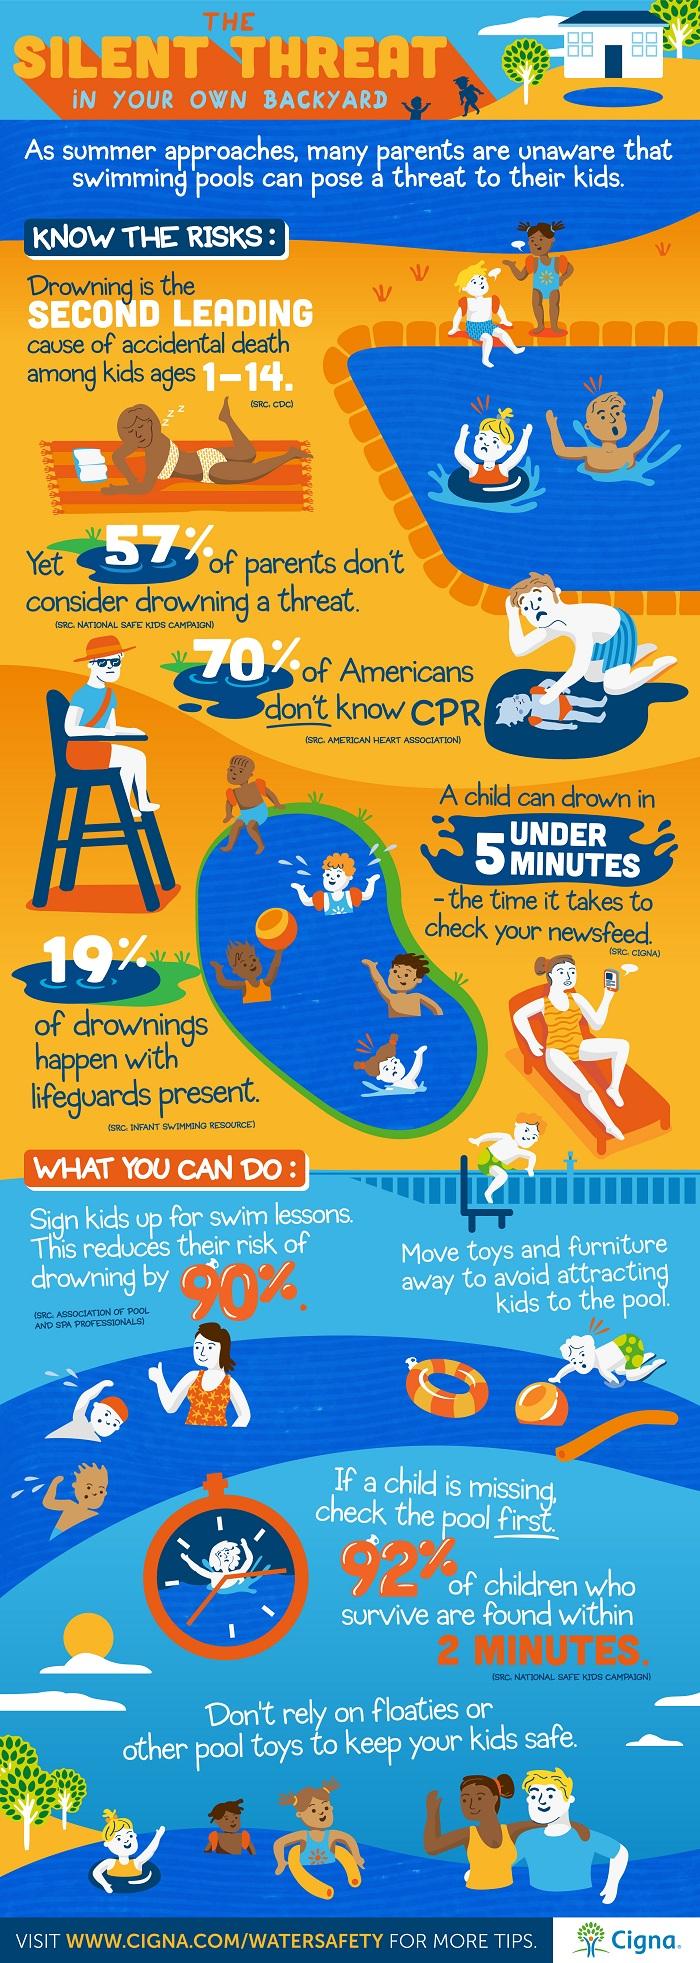 Cigna Swim Tips